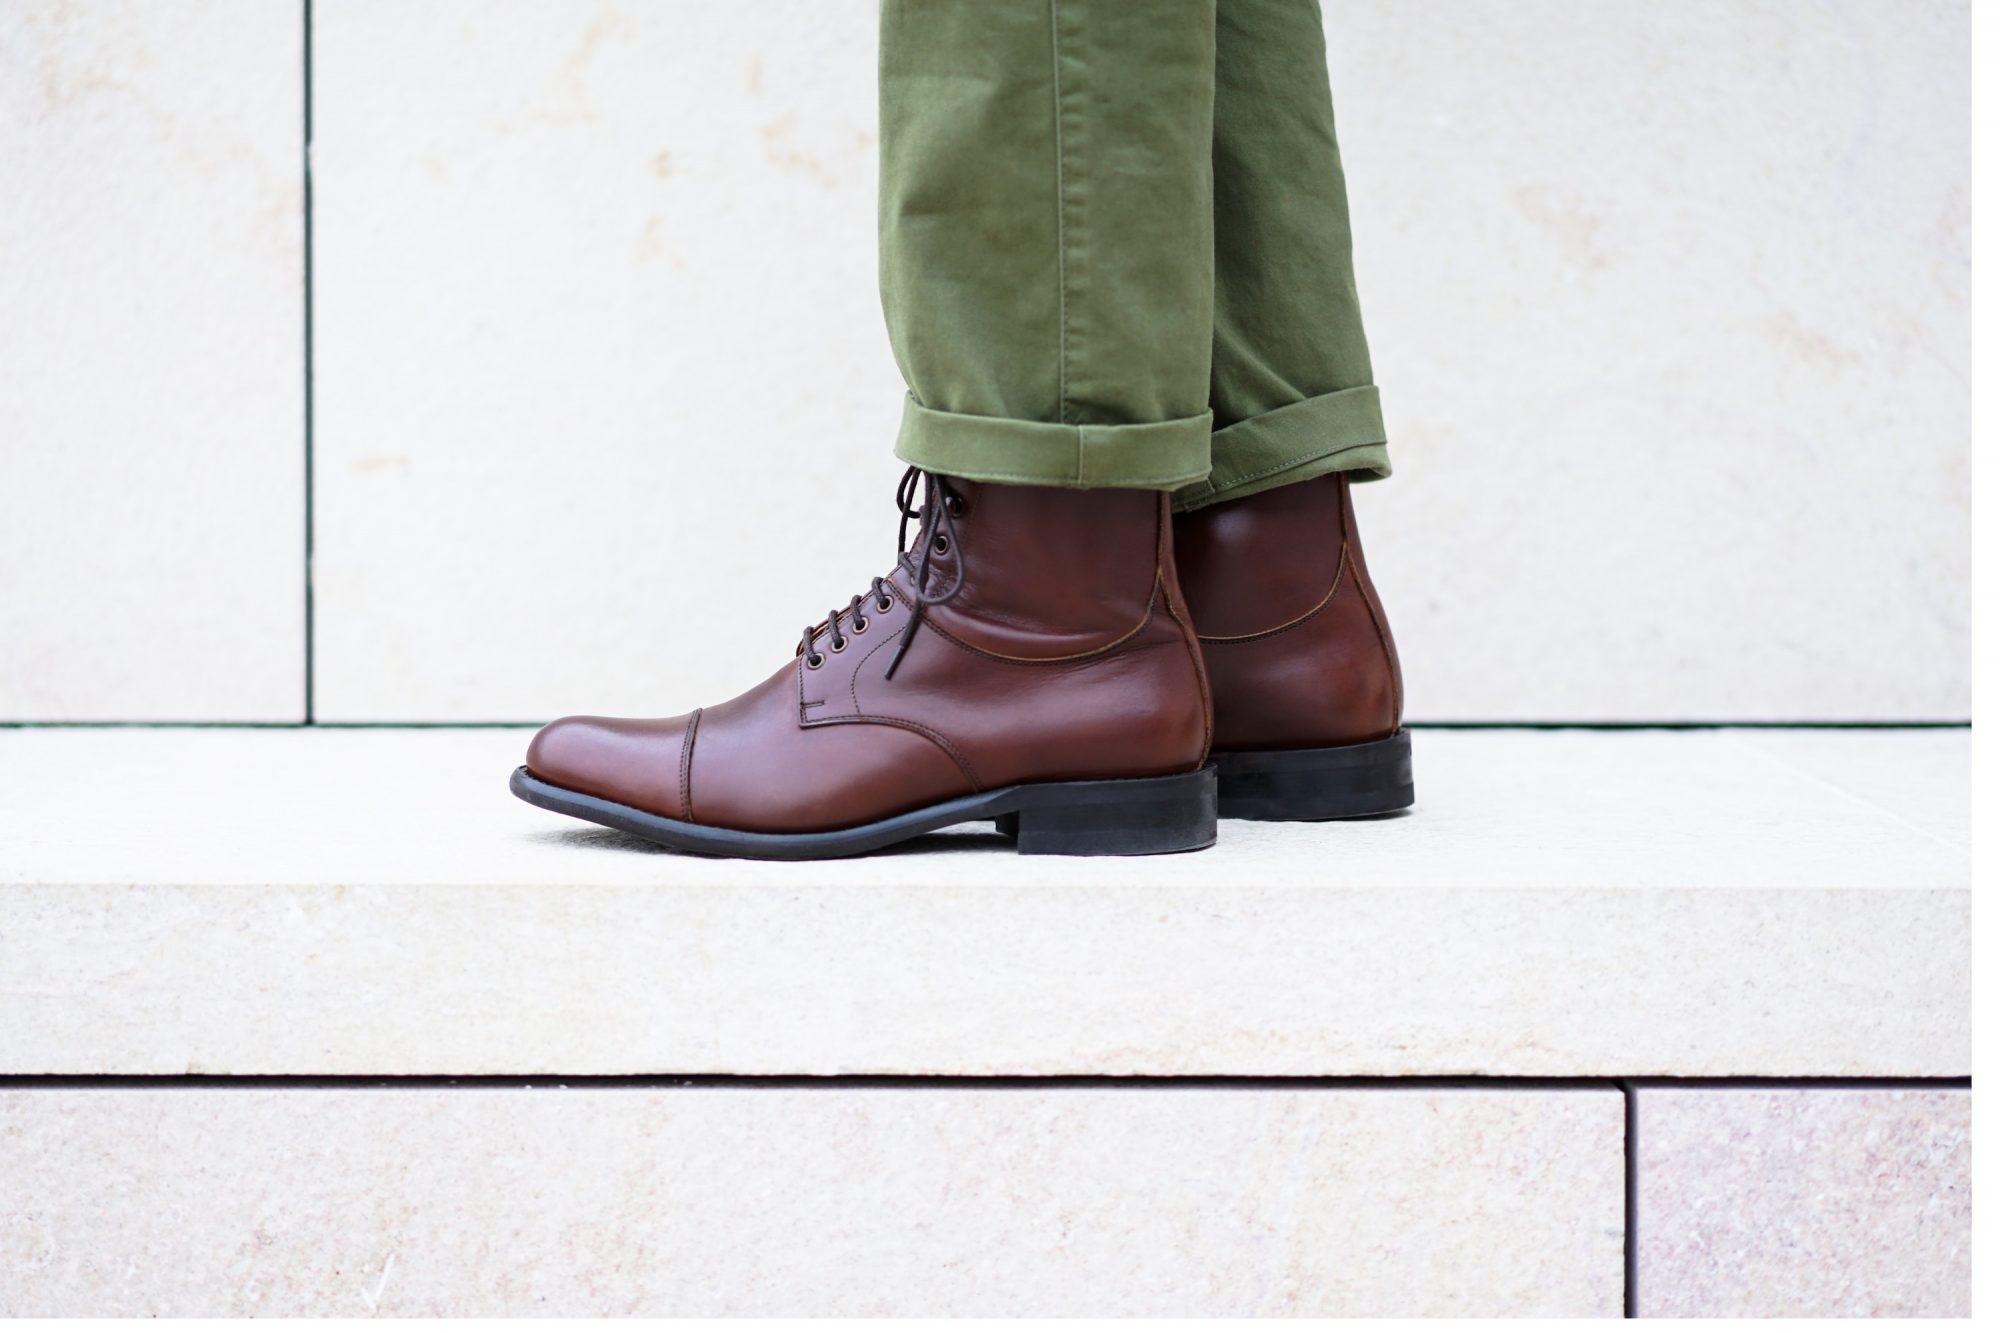 ba56bd73ef545e British Shoes, le magasin référence de la chaussure anglaise à Paris